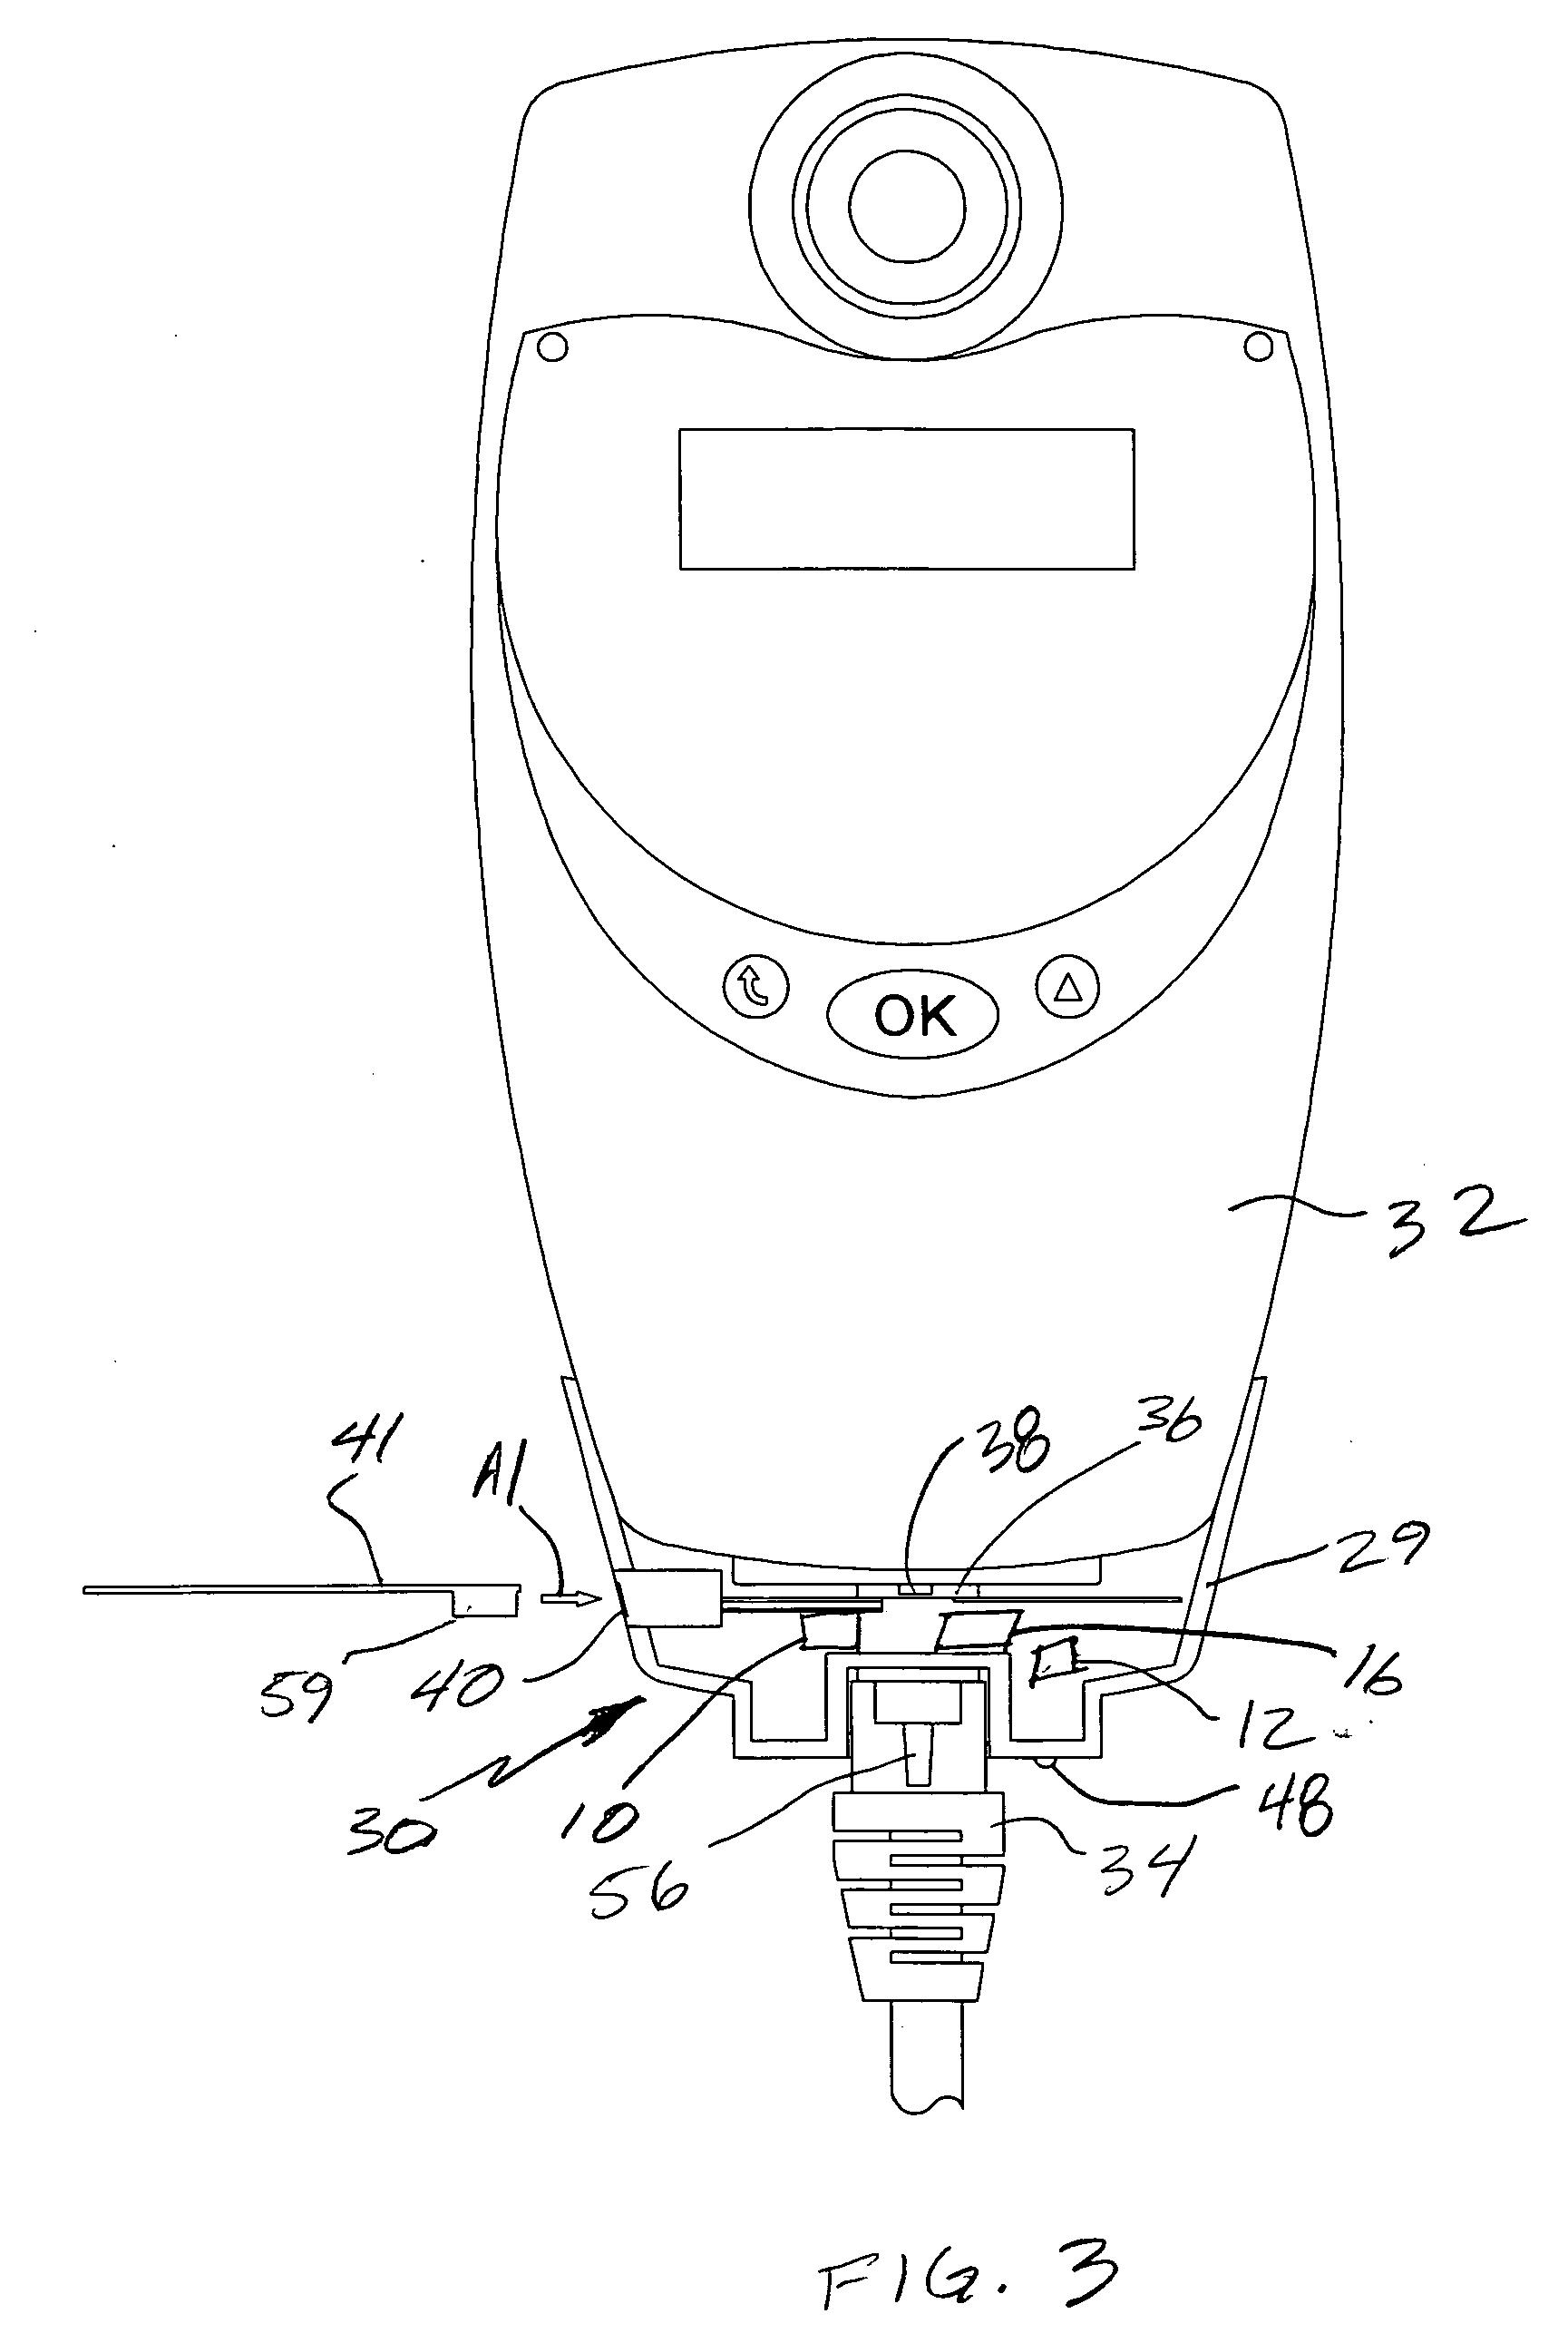 Ignition Interlock Device Wiring Diagram Breathalyzer